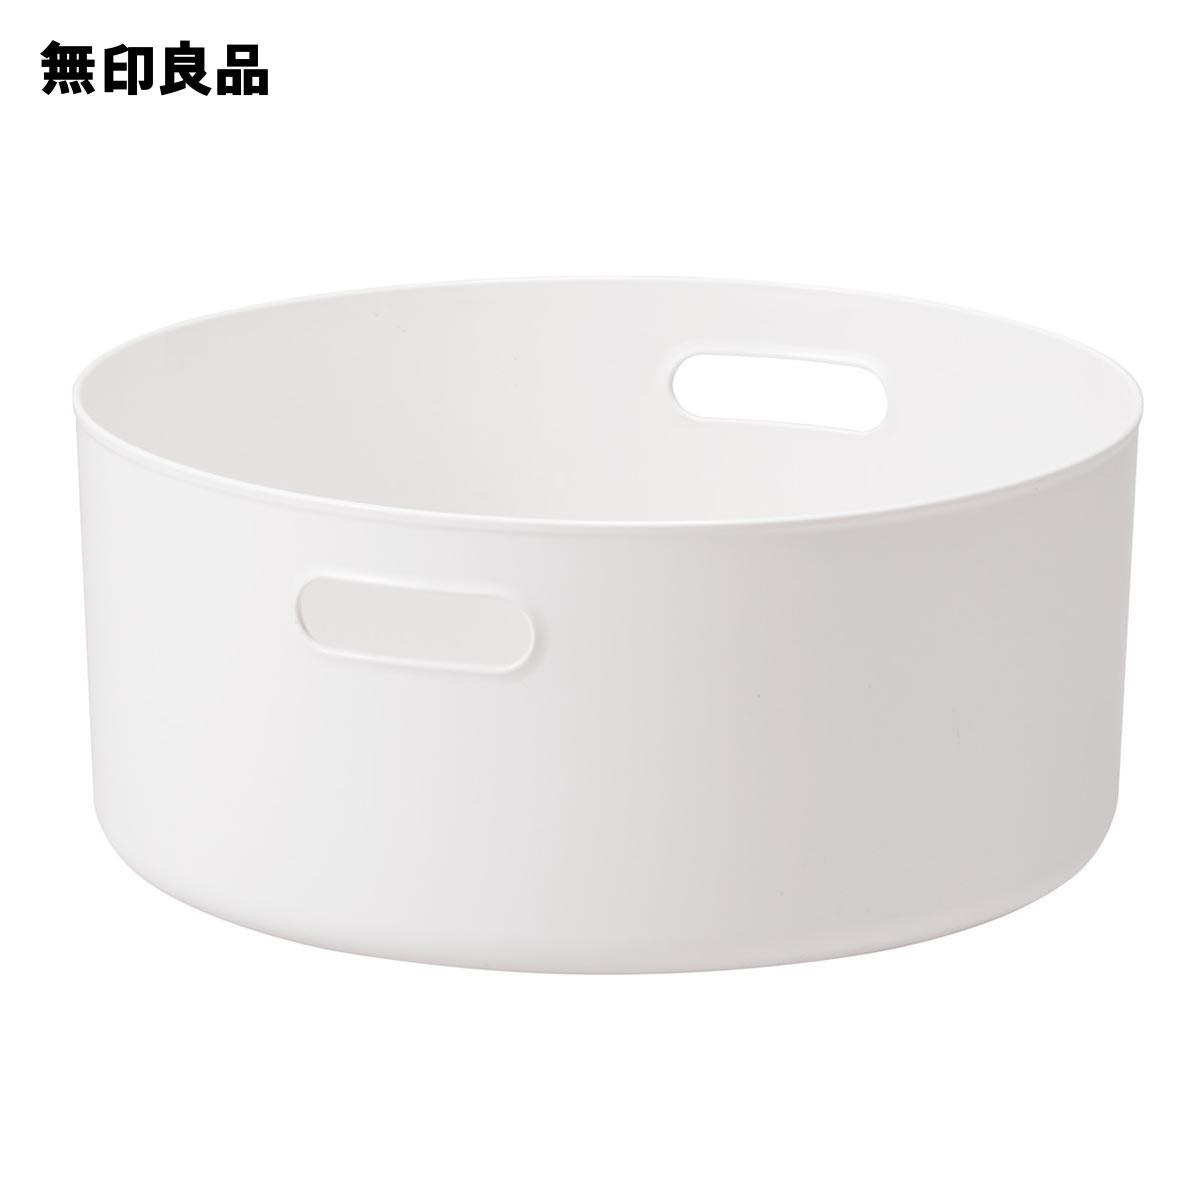 【無印良品 公式】やわらかポリエチレンケース・丸型・中 約直径36×高さ16cm